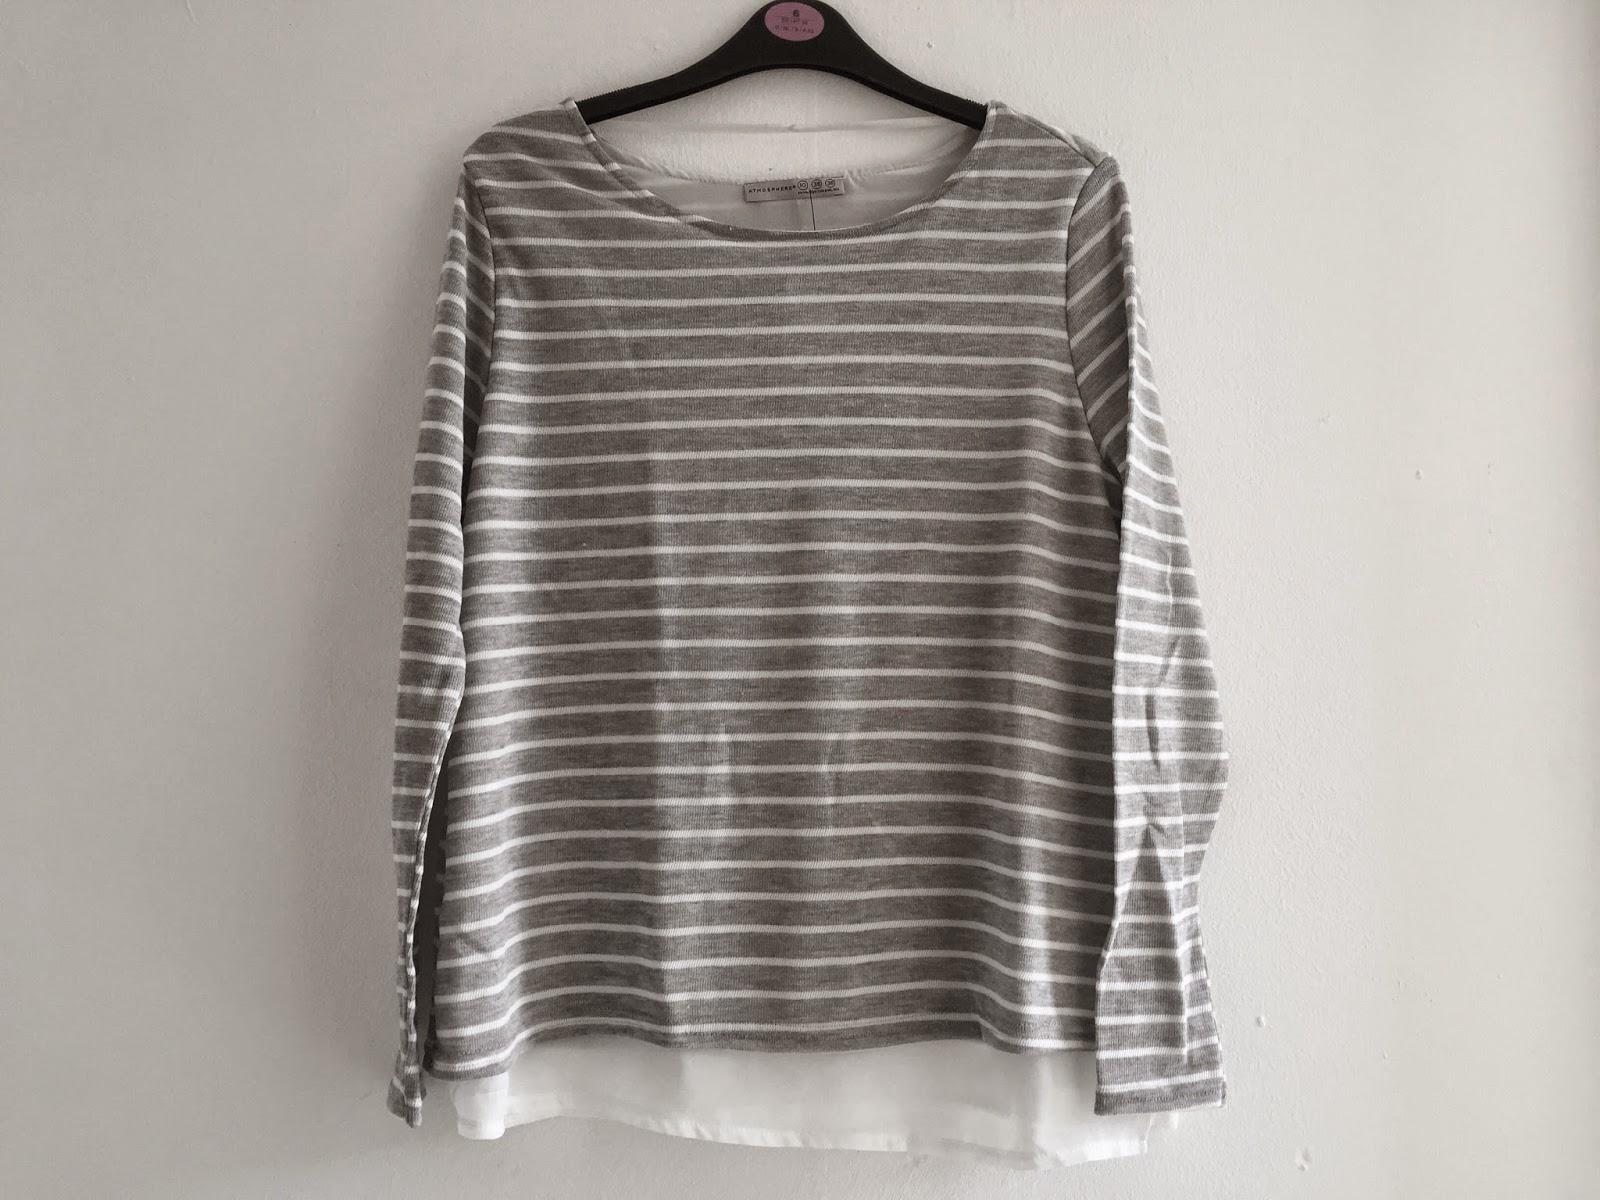 4bd6a2189abea4 Ik heb heel lang getwijfeld tussen de zwart met witte trui en grijs met  witte